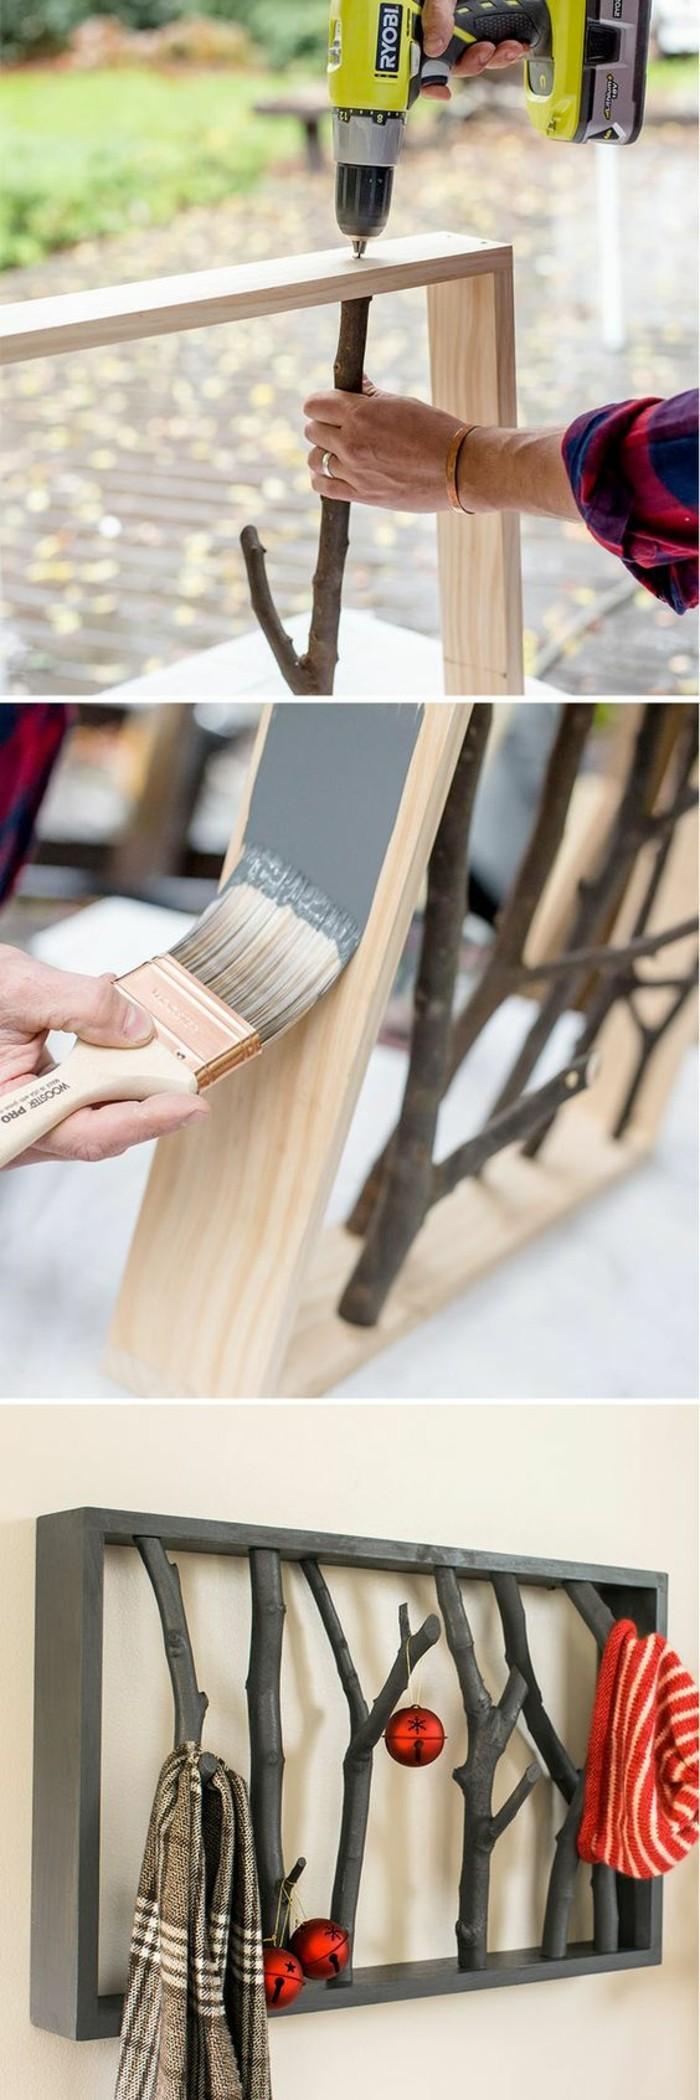 Möbel Aus ästen Selber Bauen diy möbel ideen und vorschläge die sie inspirieren können